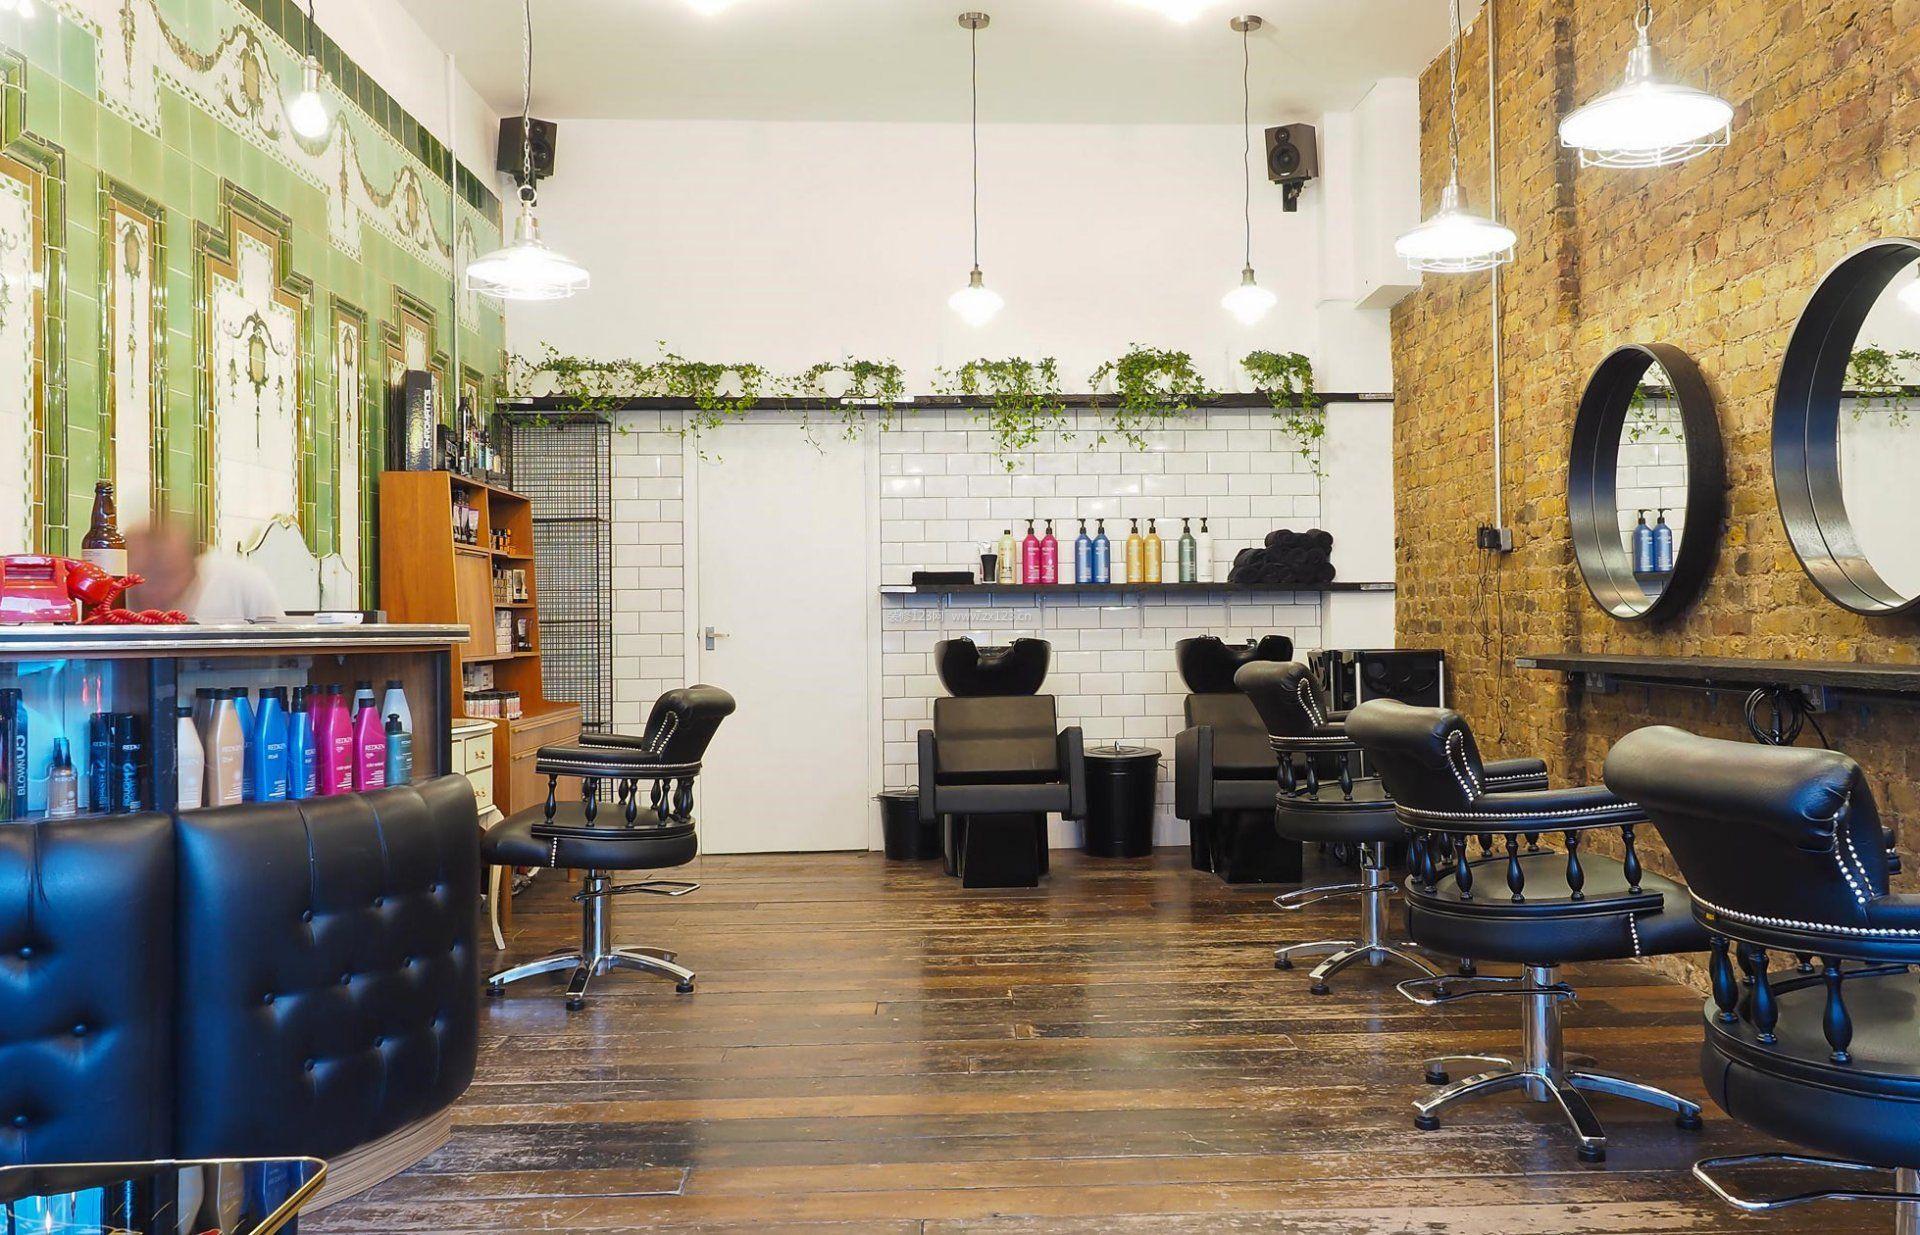 小型理发店室内装饰装修效果图片